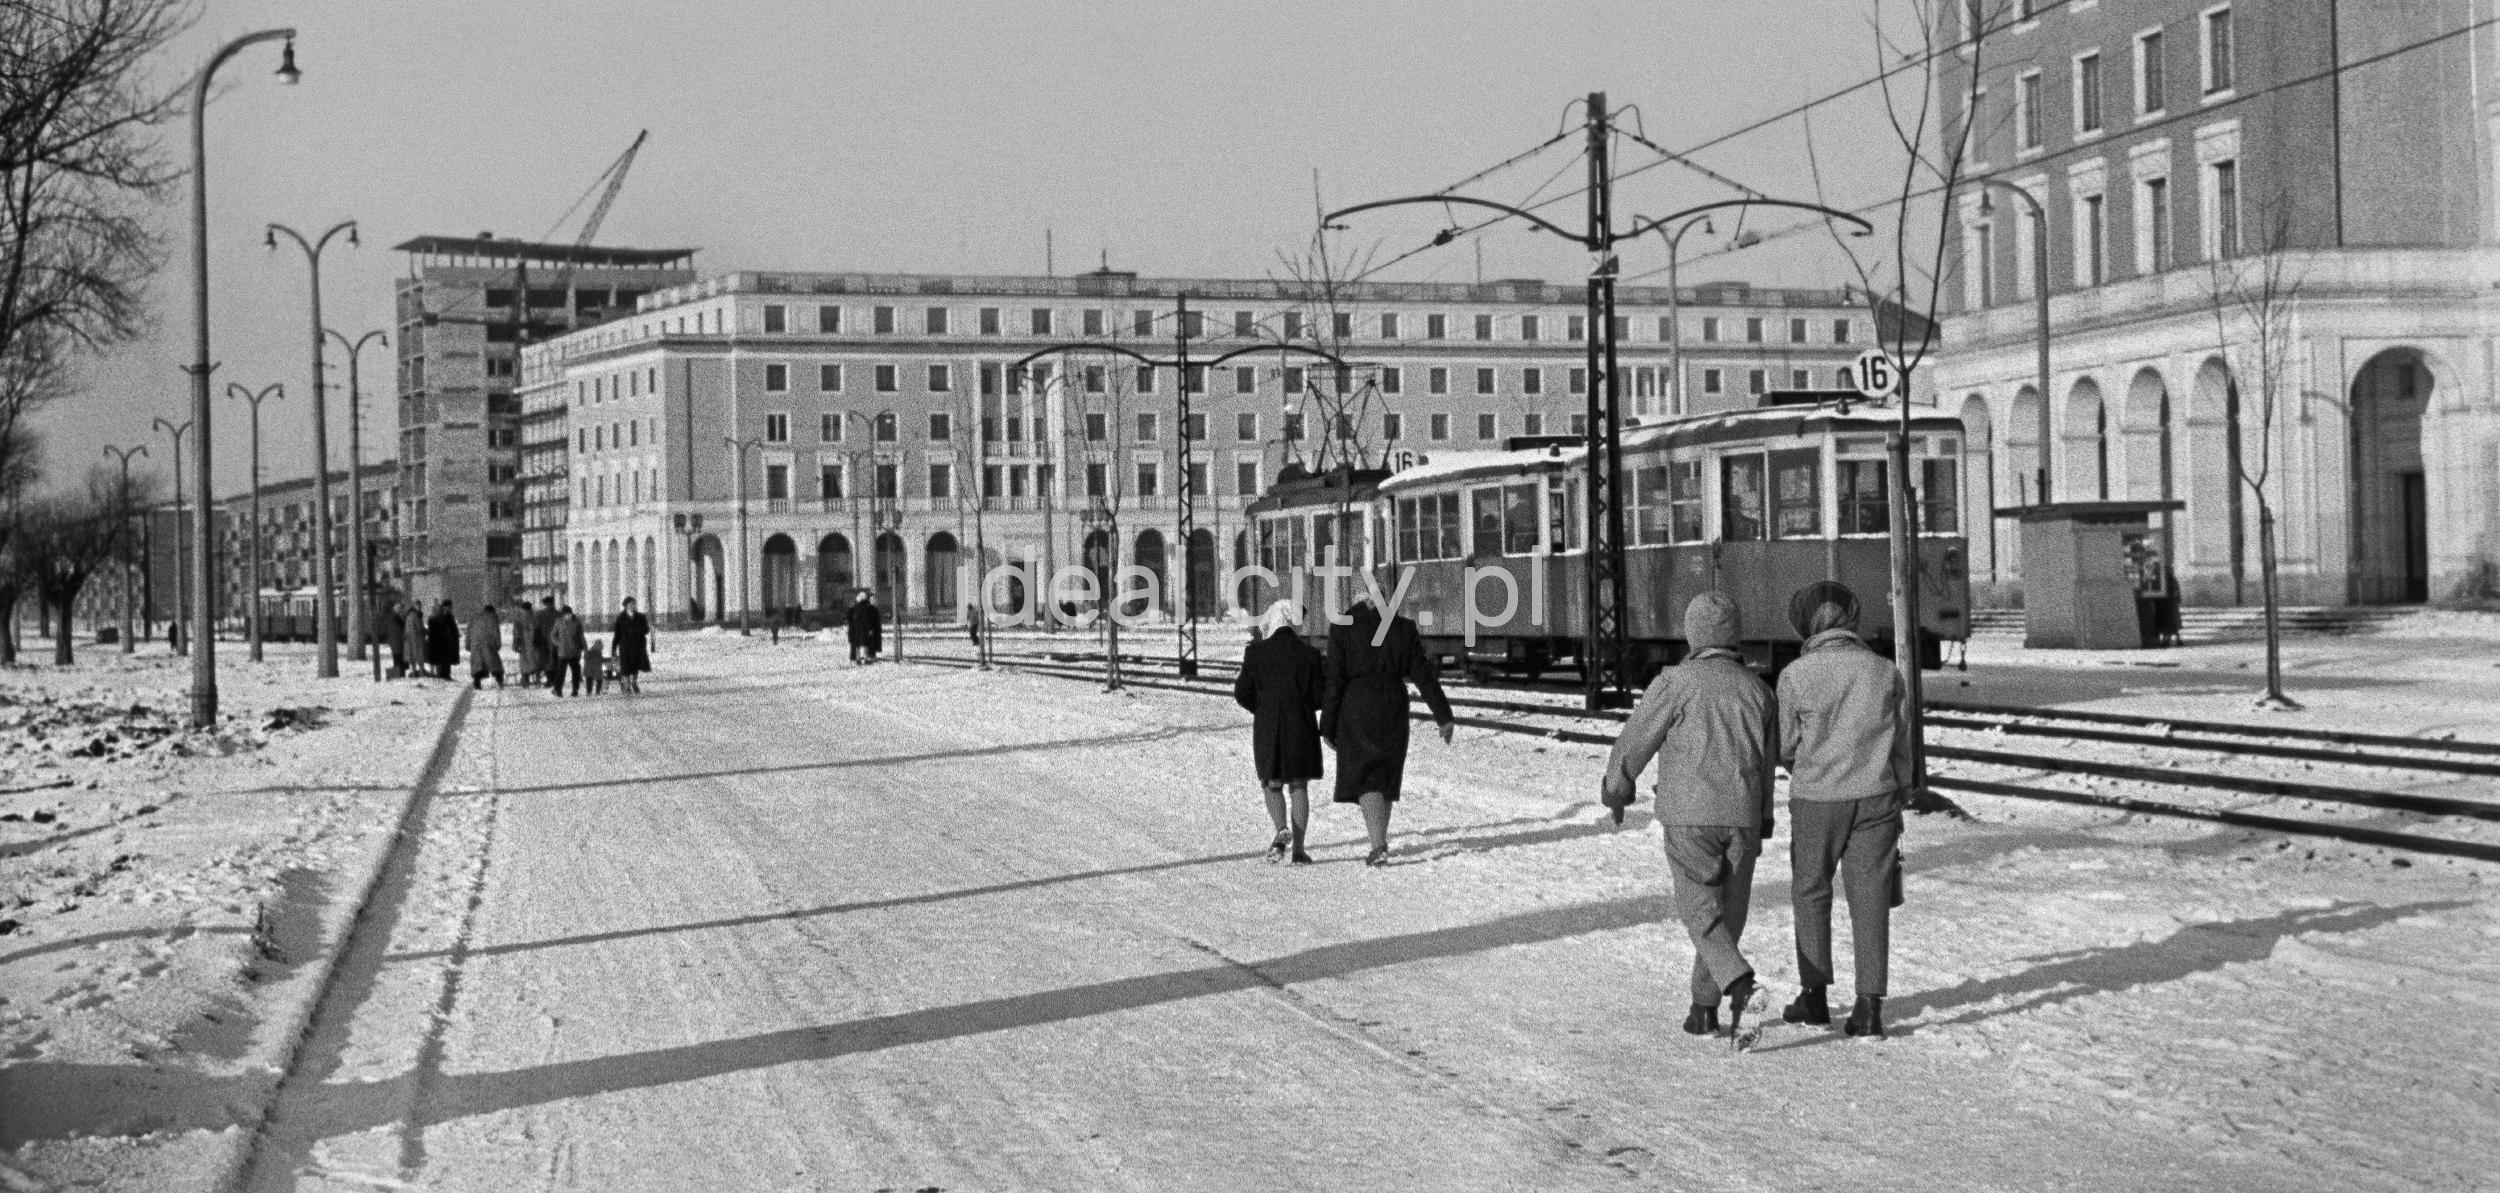 Ruch pieszy na zaśnieżonej ulicy, w tle monumentalna zabudowa mieszkalna.